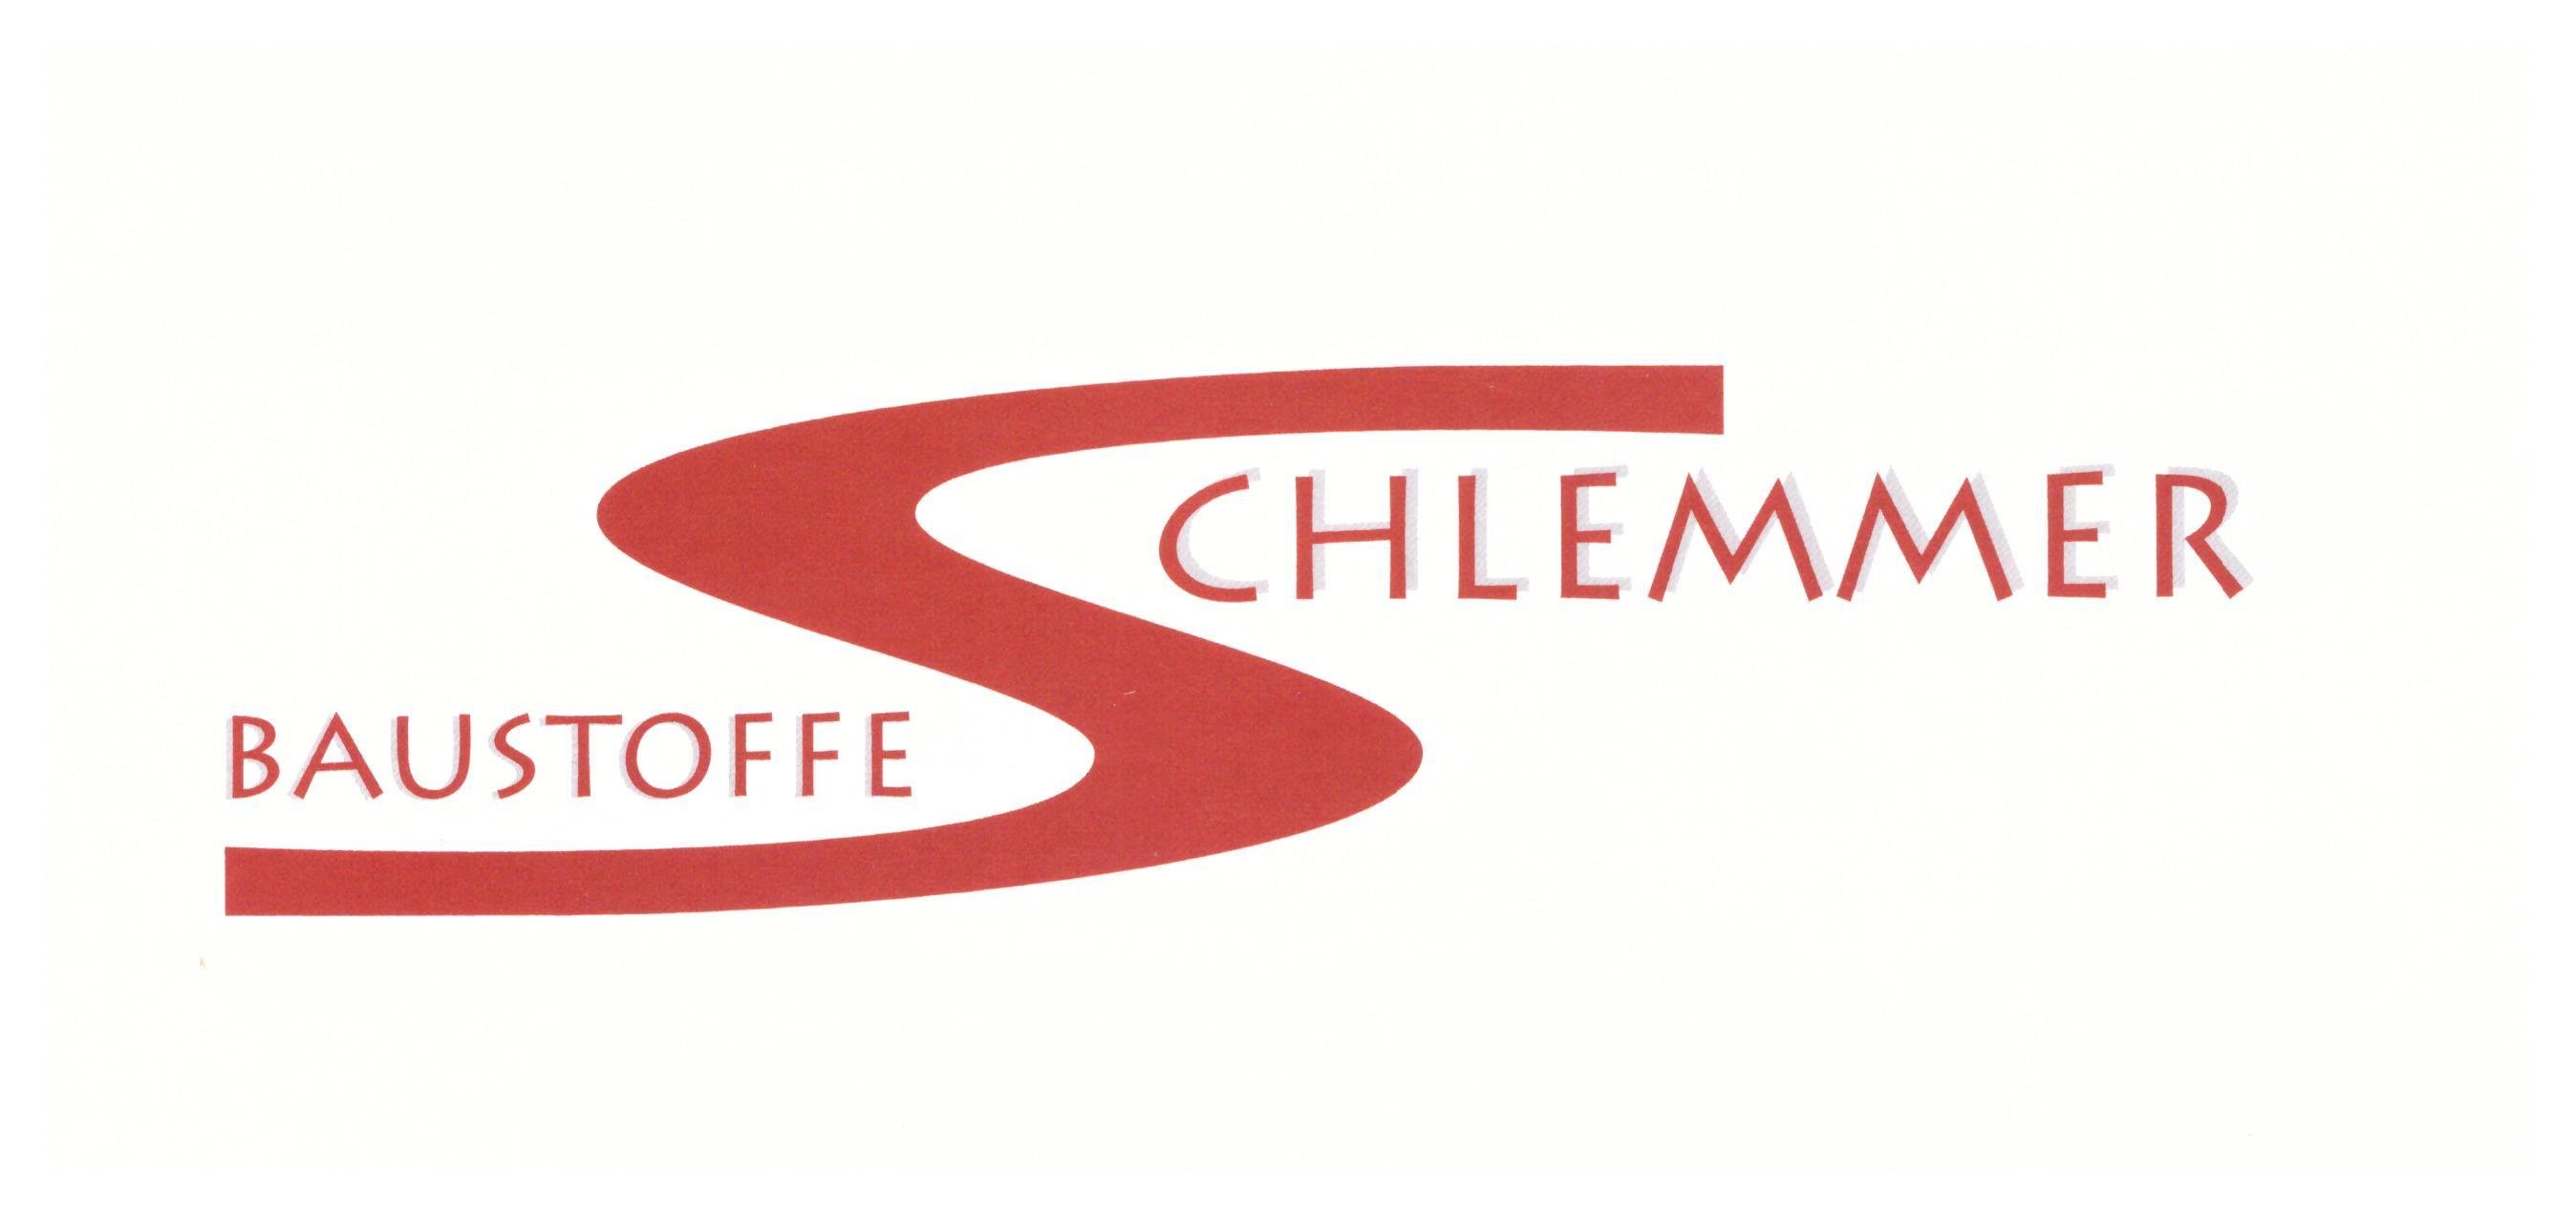 Baustoffe Schlemmer GmbH & Co. KG